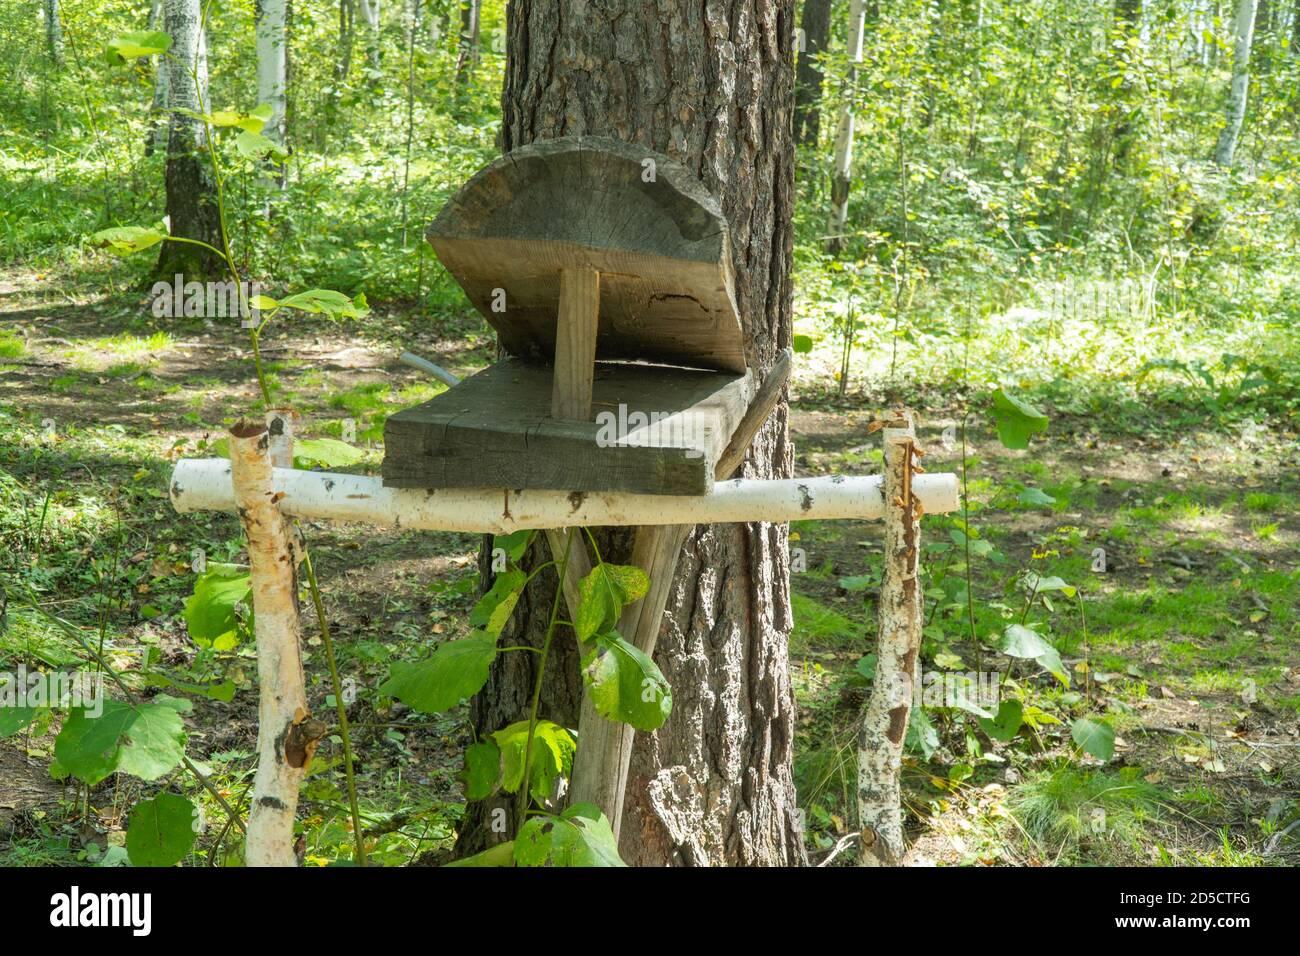 Piege En Bois Fait Maison Pour Les Animaux Et Les Oiseaux Installes Dans La Foret L Inventaire Du Chasseur Photo Stock Alamy